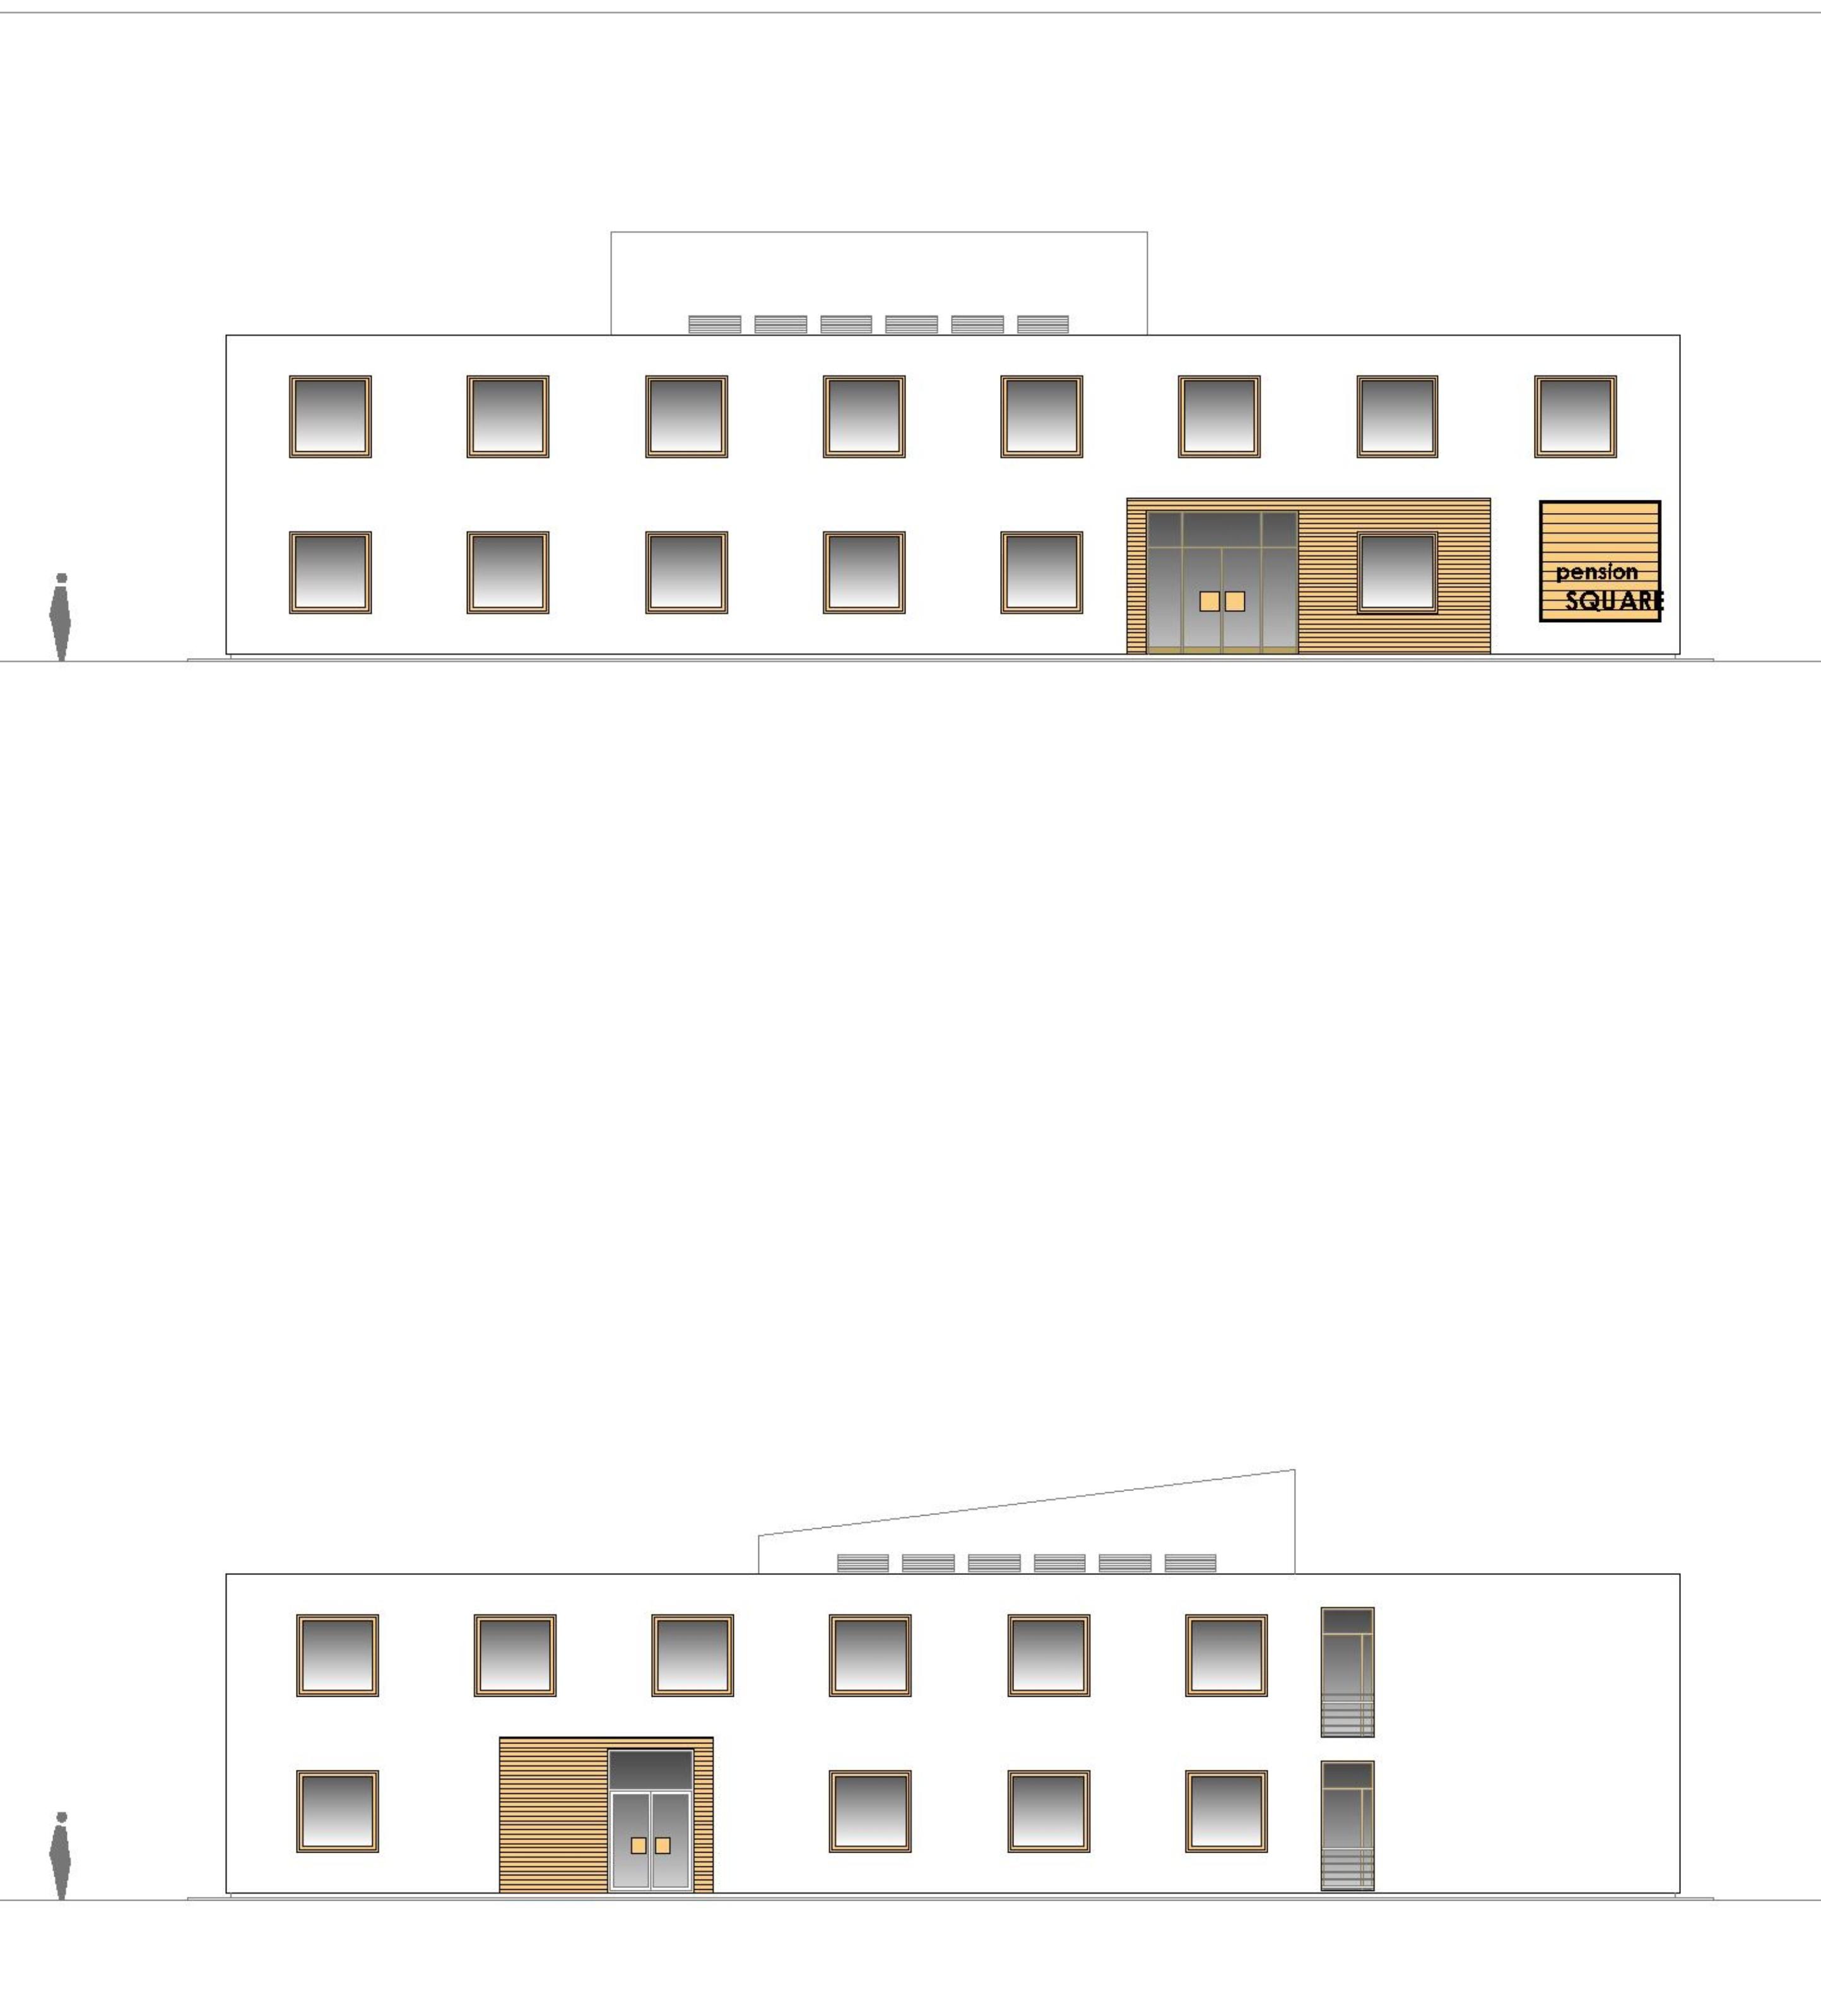 Štúdia stavby penziónu Square 09